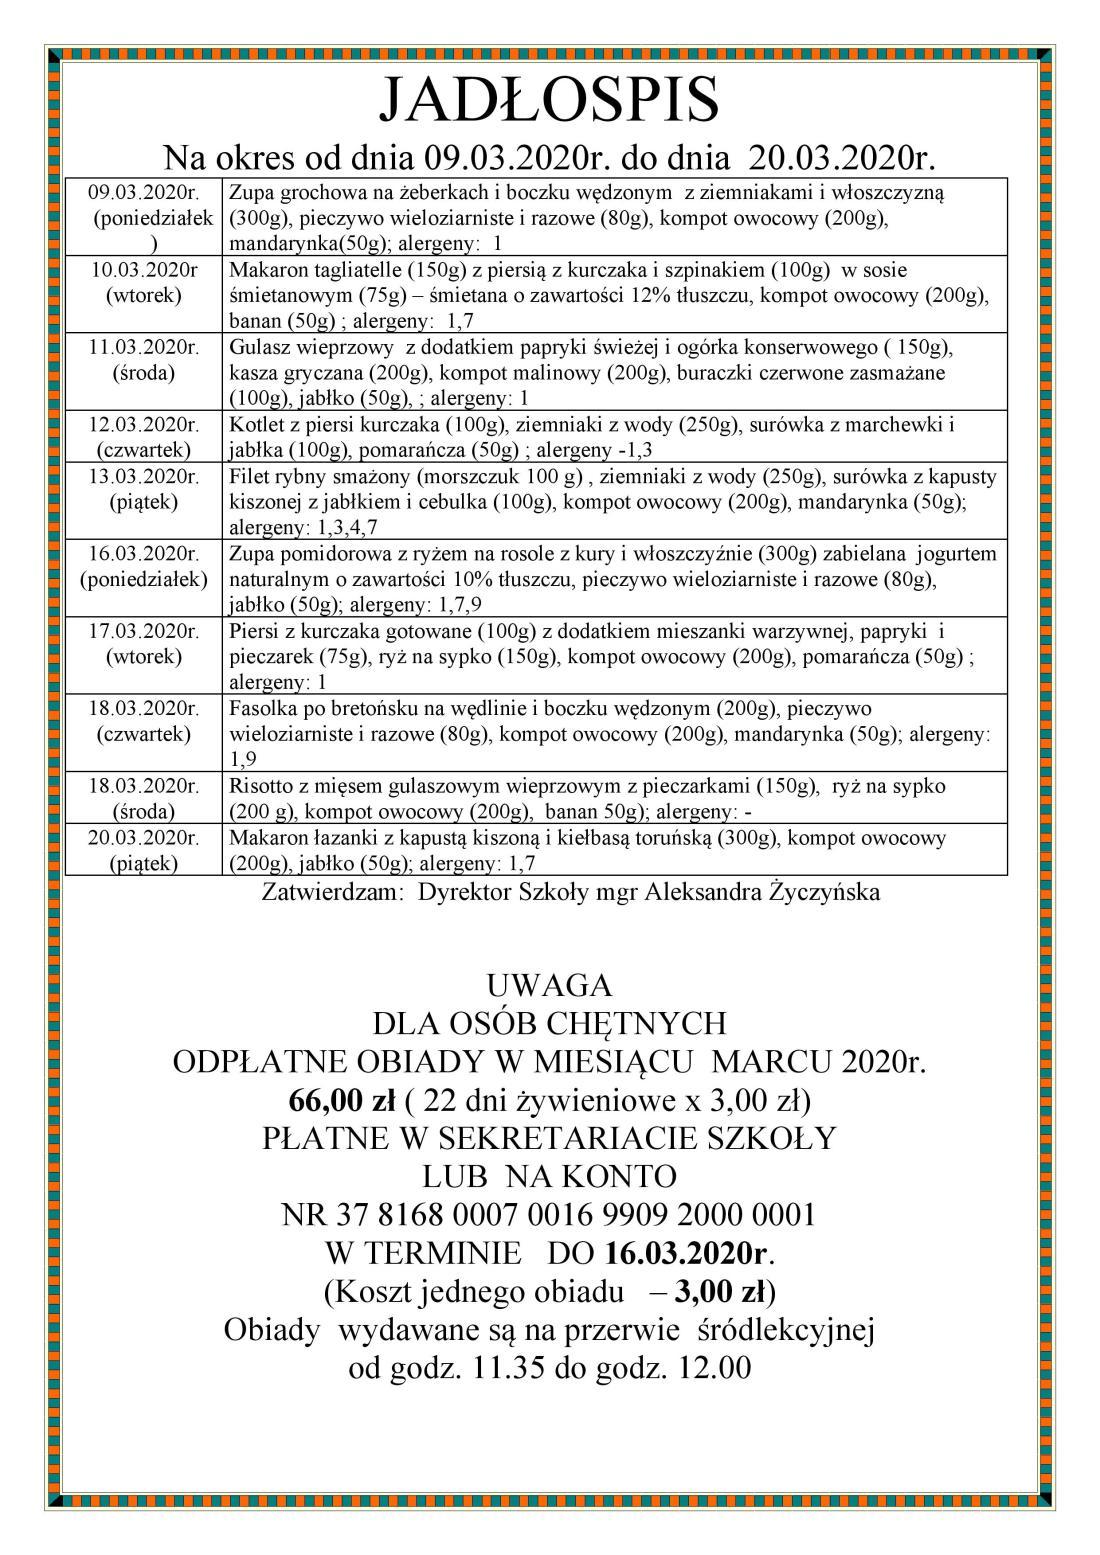 JADŁOSPIS (12)-page-001